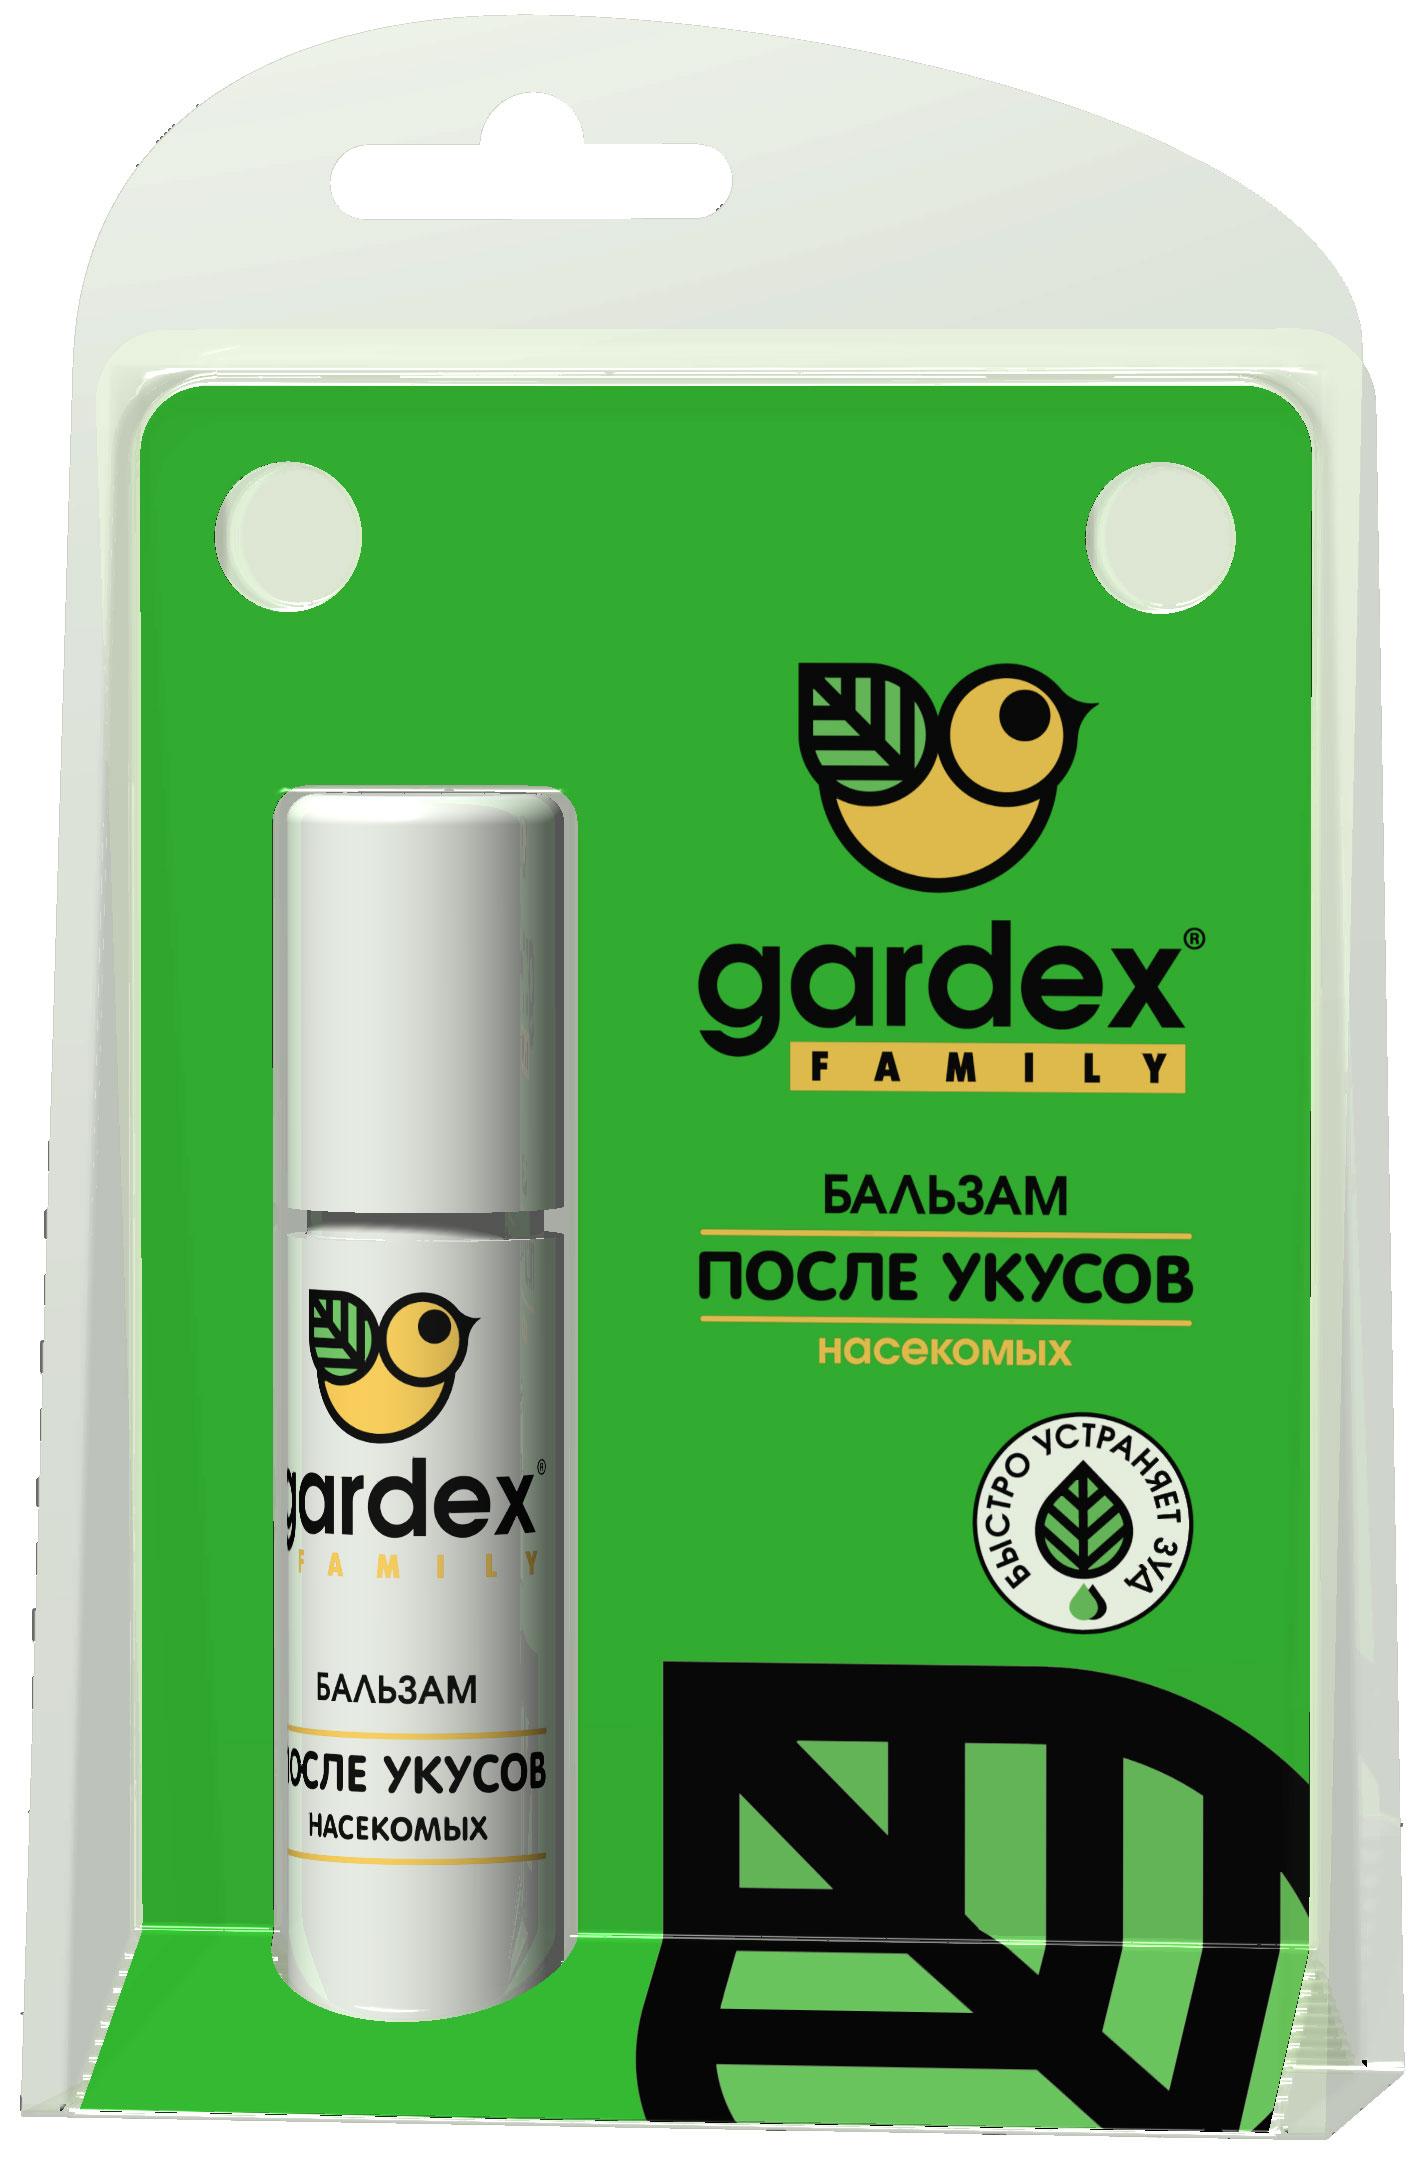 Бальзам после укусов Gardex Family gardex baby пластыри после укусов насекомых